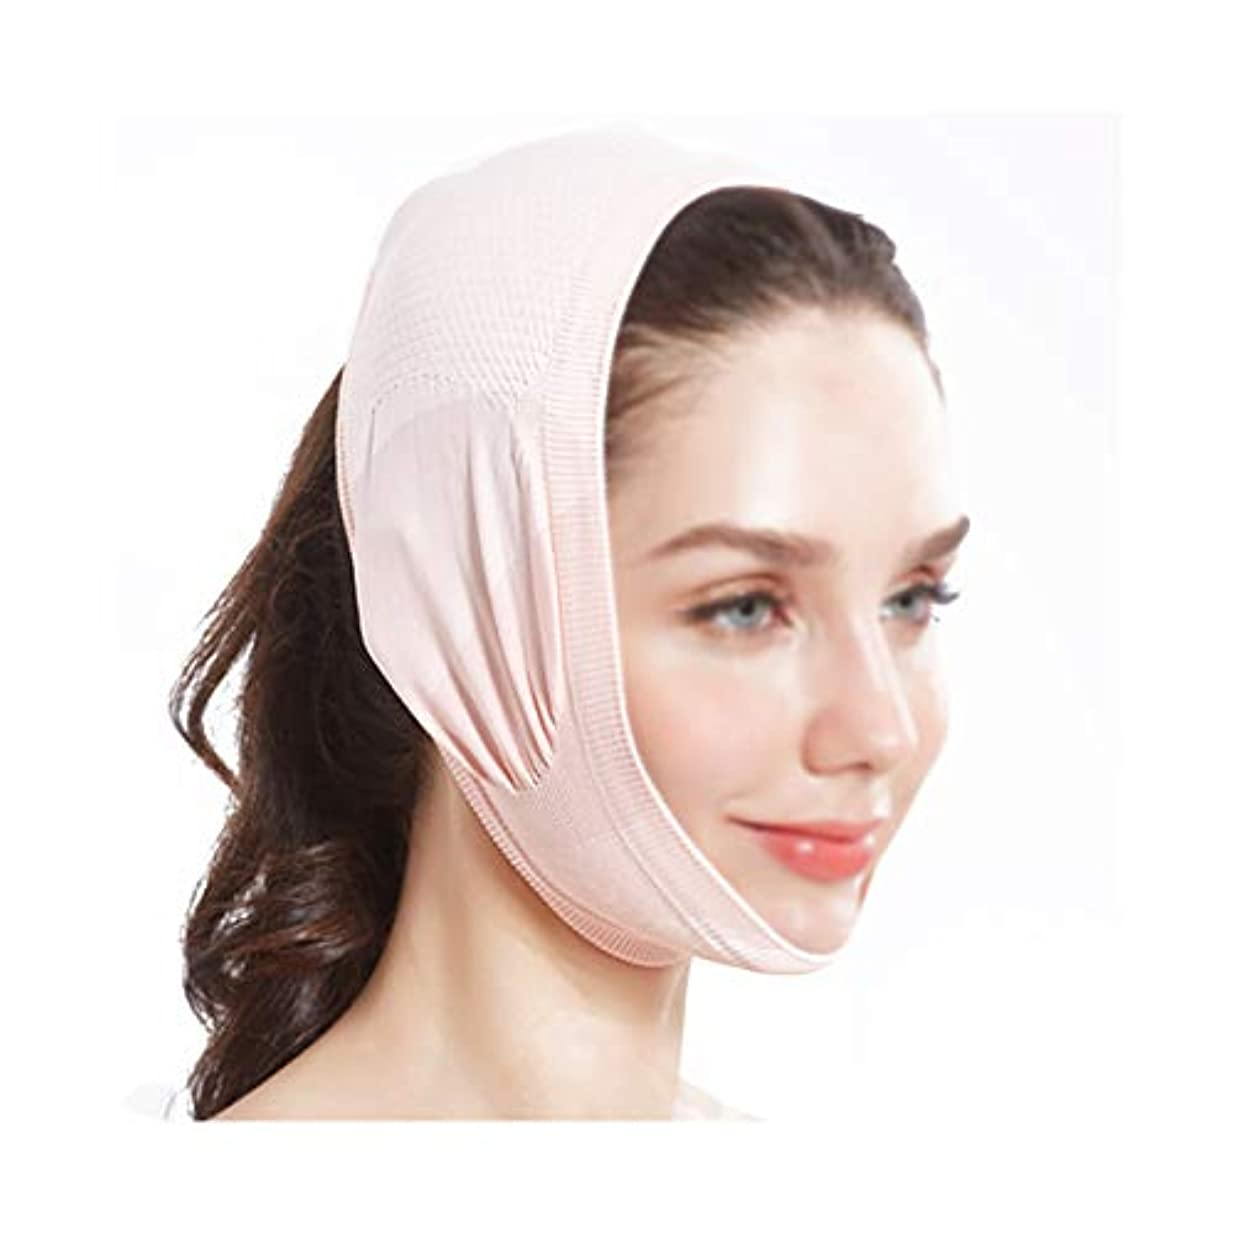 のために疑わしいマトンGLJJQMY フェイスリフトマスクマスクエクステンション強度フェースレス包帯フェイシャルラージVライン彫刻フェイシャルバックカバーネックバンド 顔用整形マスク (Color : Pink)